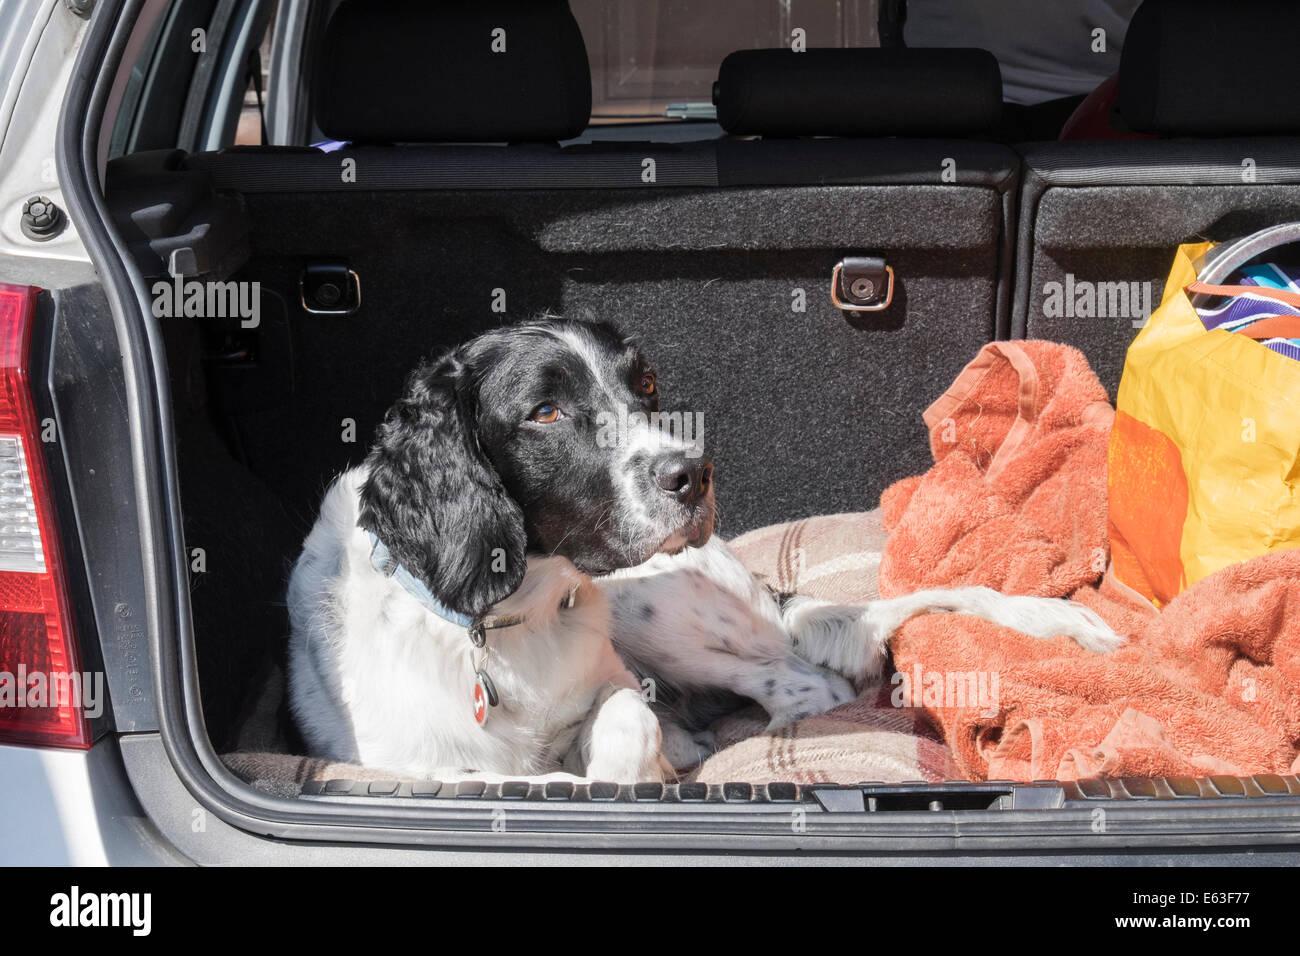 Un blanco y negro Adult English Springer Spaniel perro esperando pacientemente en el maletero del coche una berlina Imagen De Stock